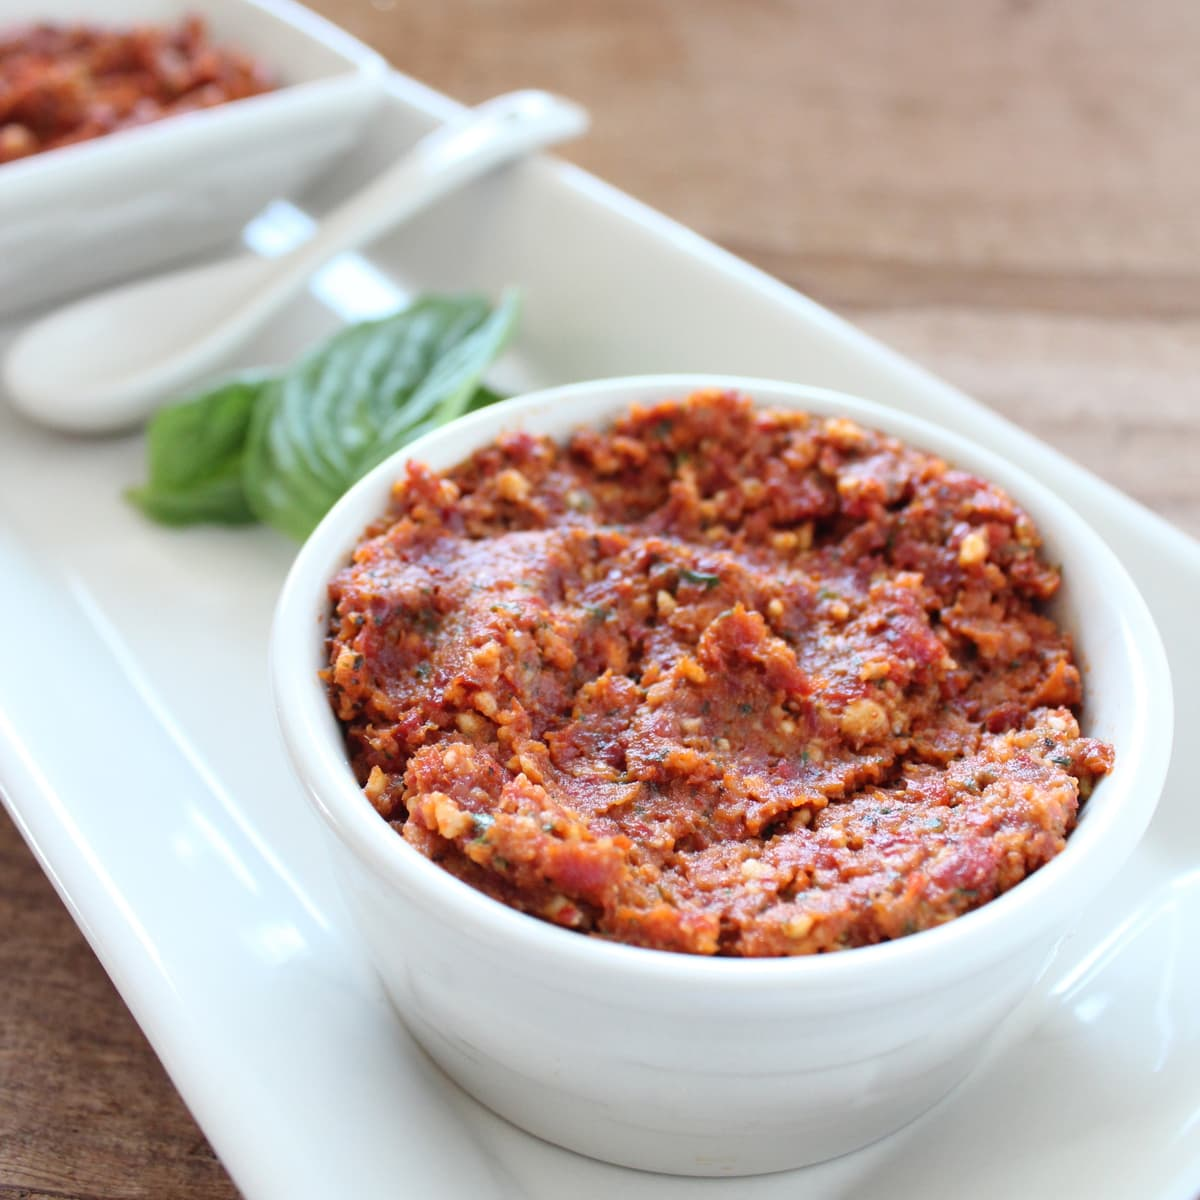 Sun Dried Tomato Pesto is delicious on pizzas, pastas, sandwiches or ...